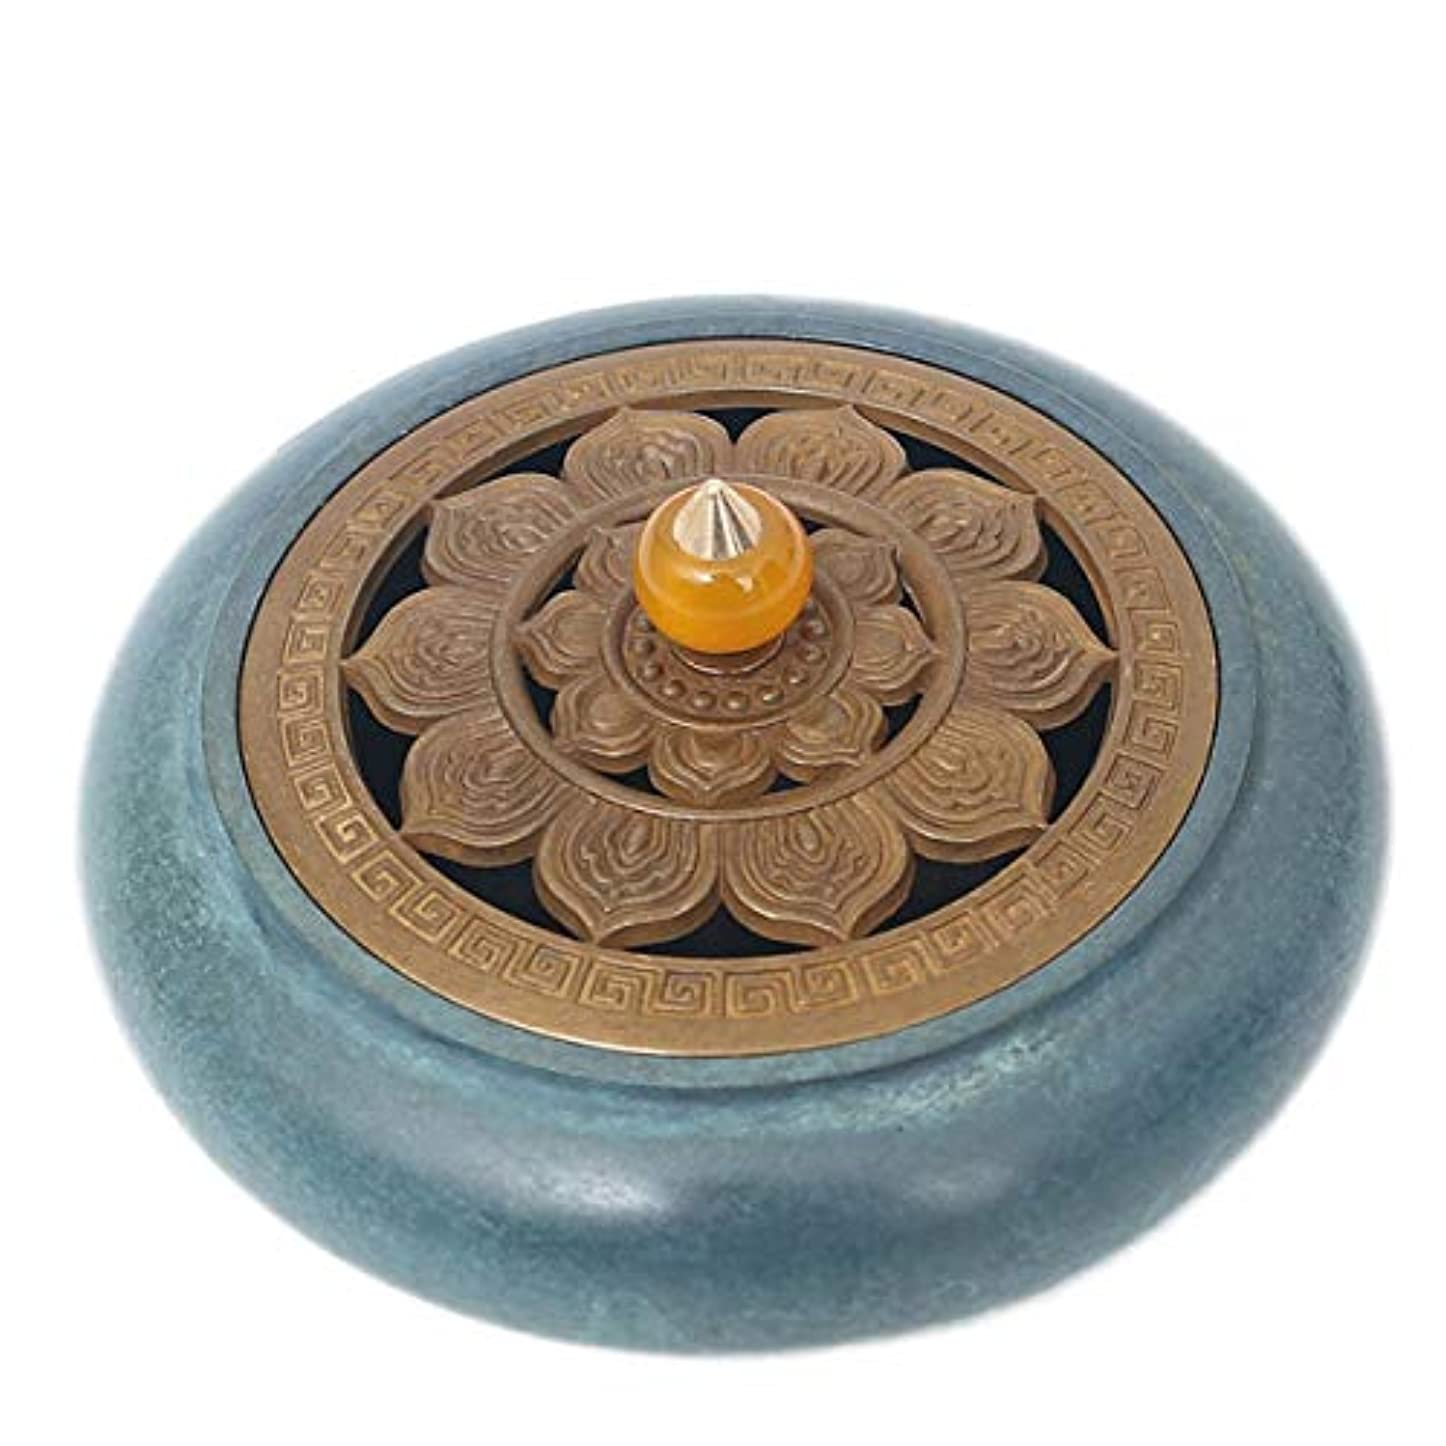 食堂制約ドラフトコーン香バーナーと真鍮香スティックホルダー-中国銅装飾炭香炉-銅香灰キャッチャートレイボウル